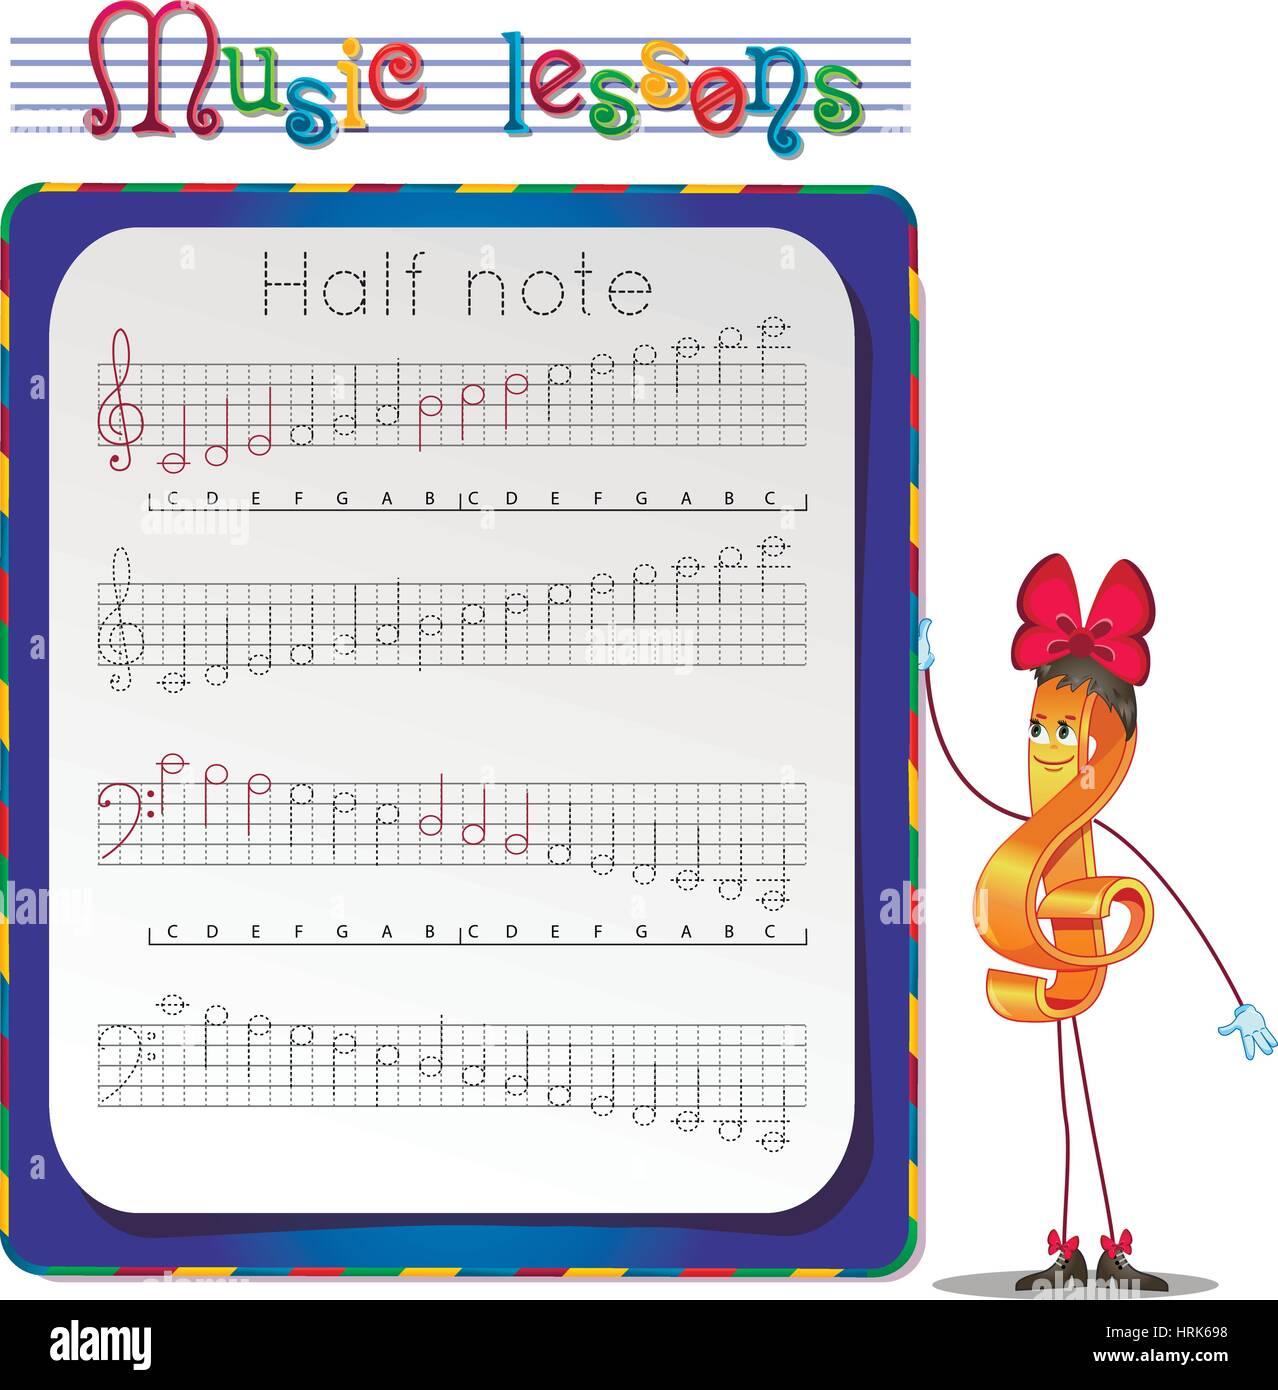 Sketch Music Note Stockfotos & Sketch Music Note Bilder - Seite 3 ...